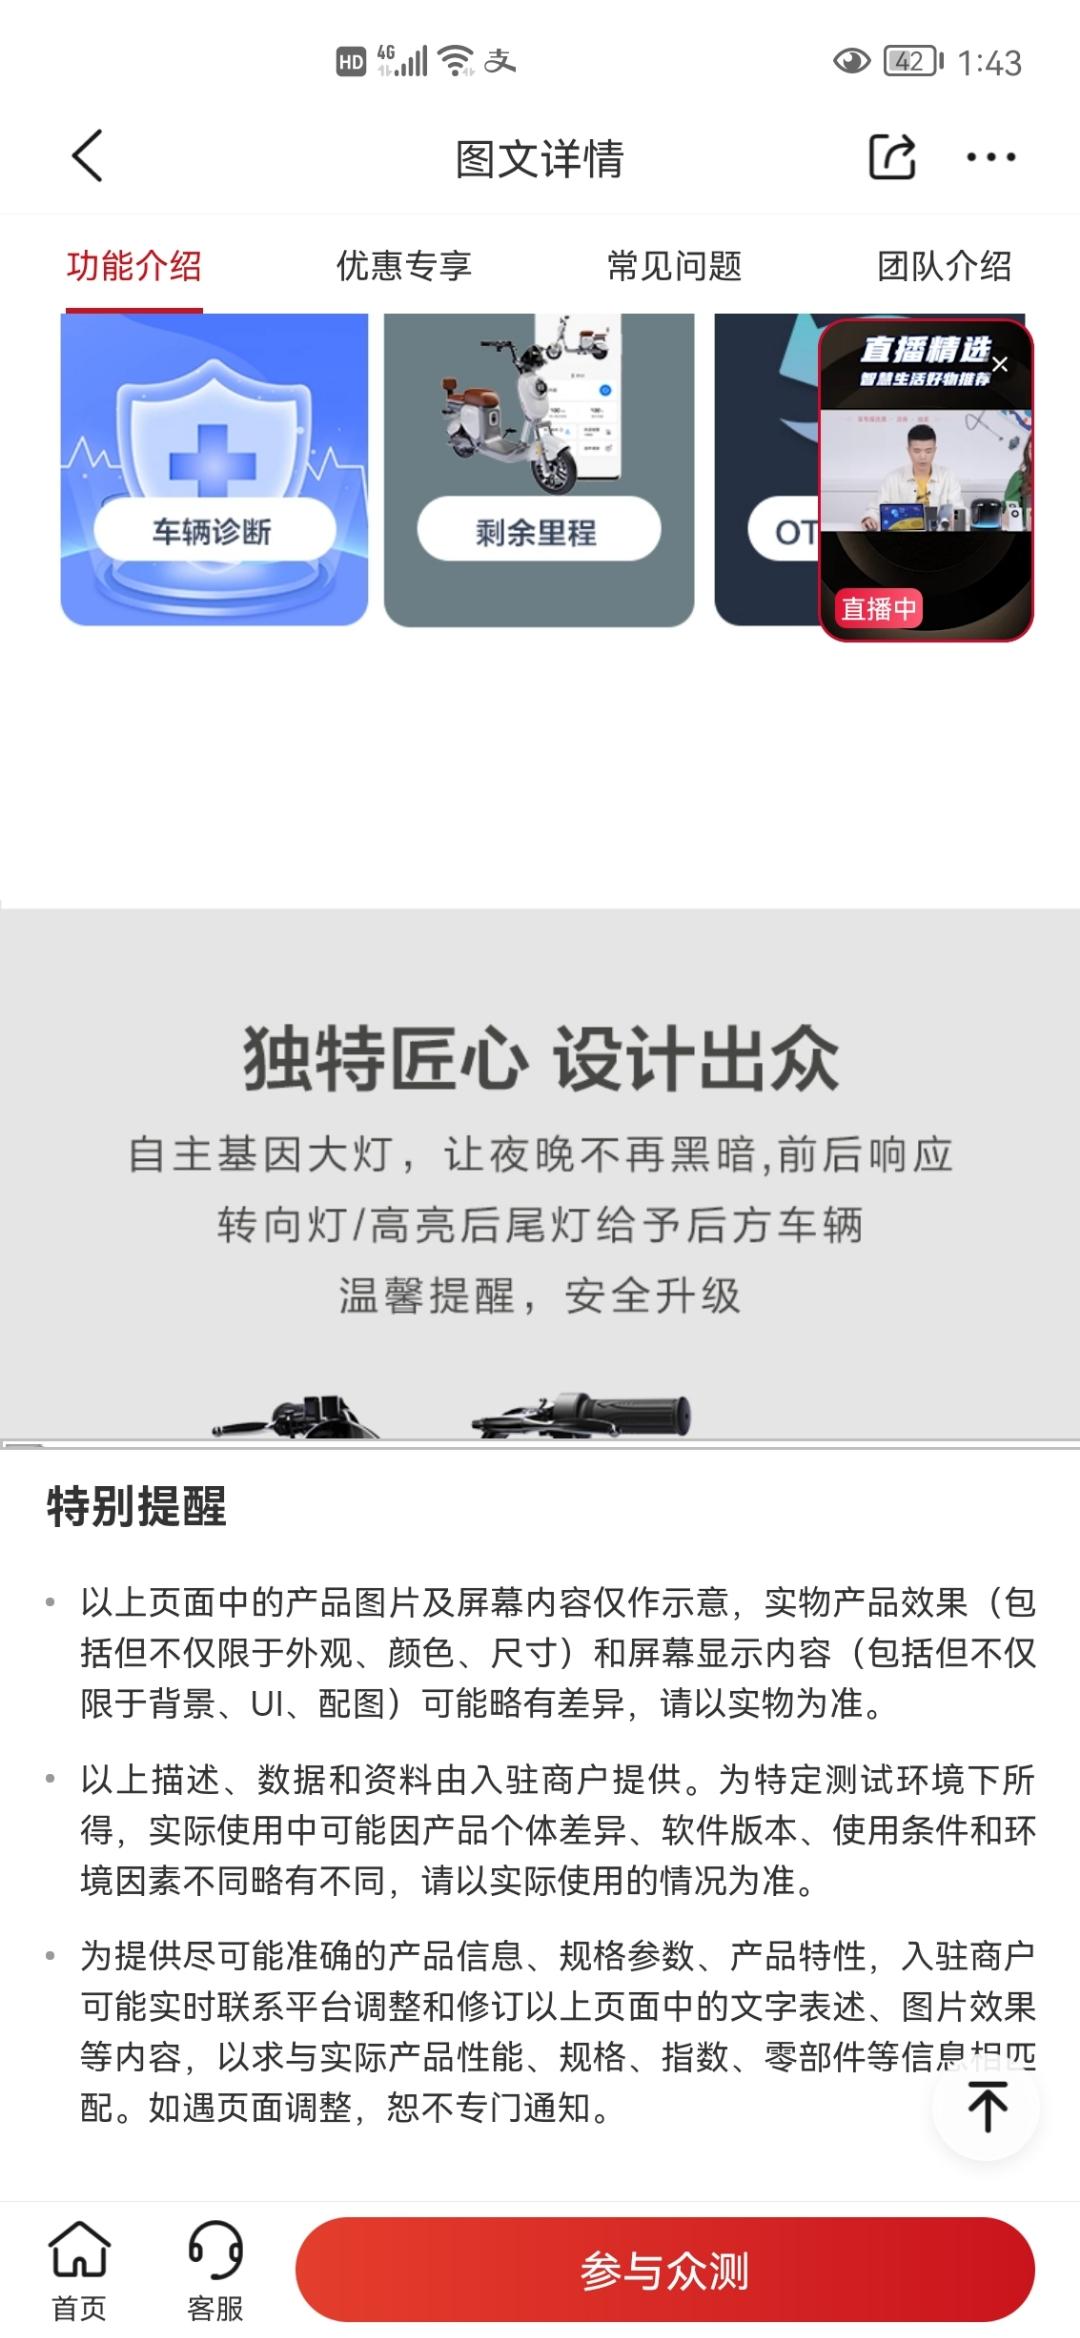 Screenshot_20210902_134343_com.vmall.client.jpg